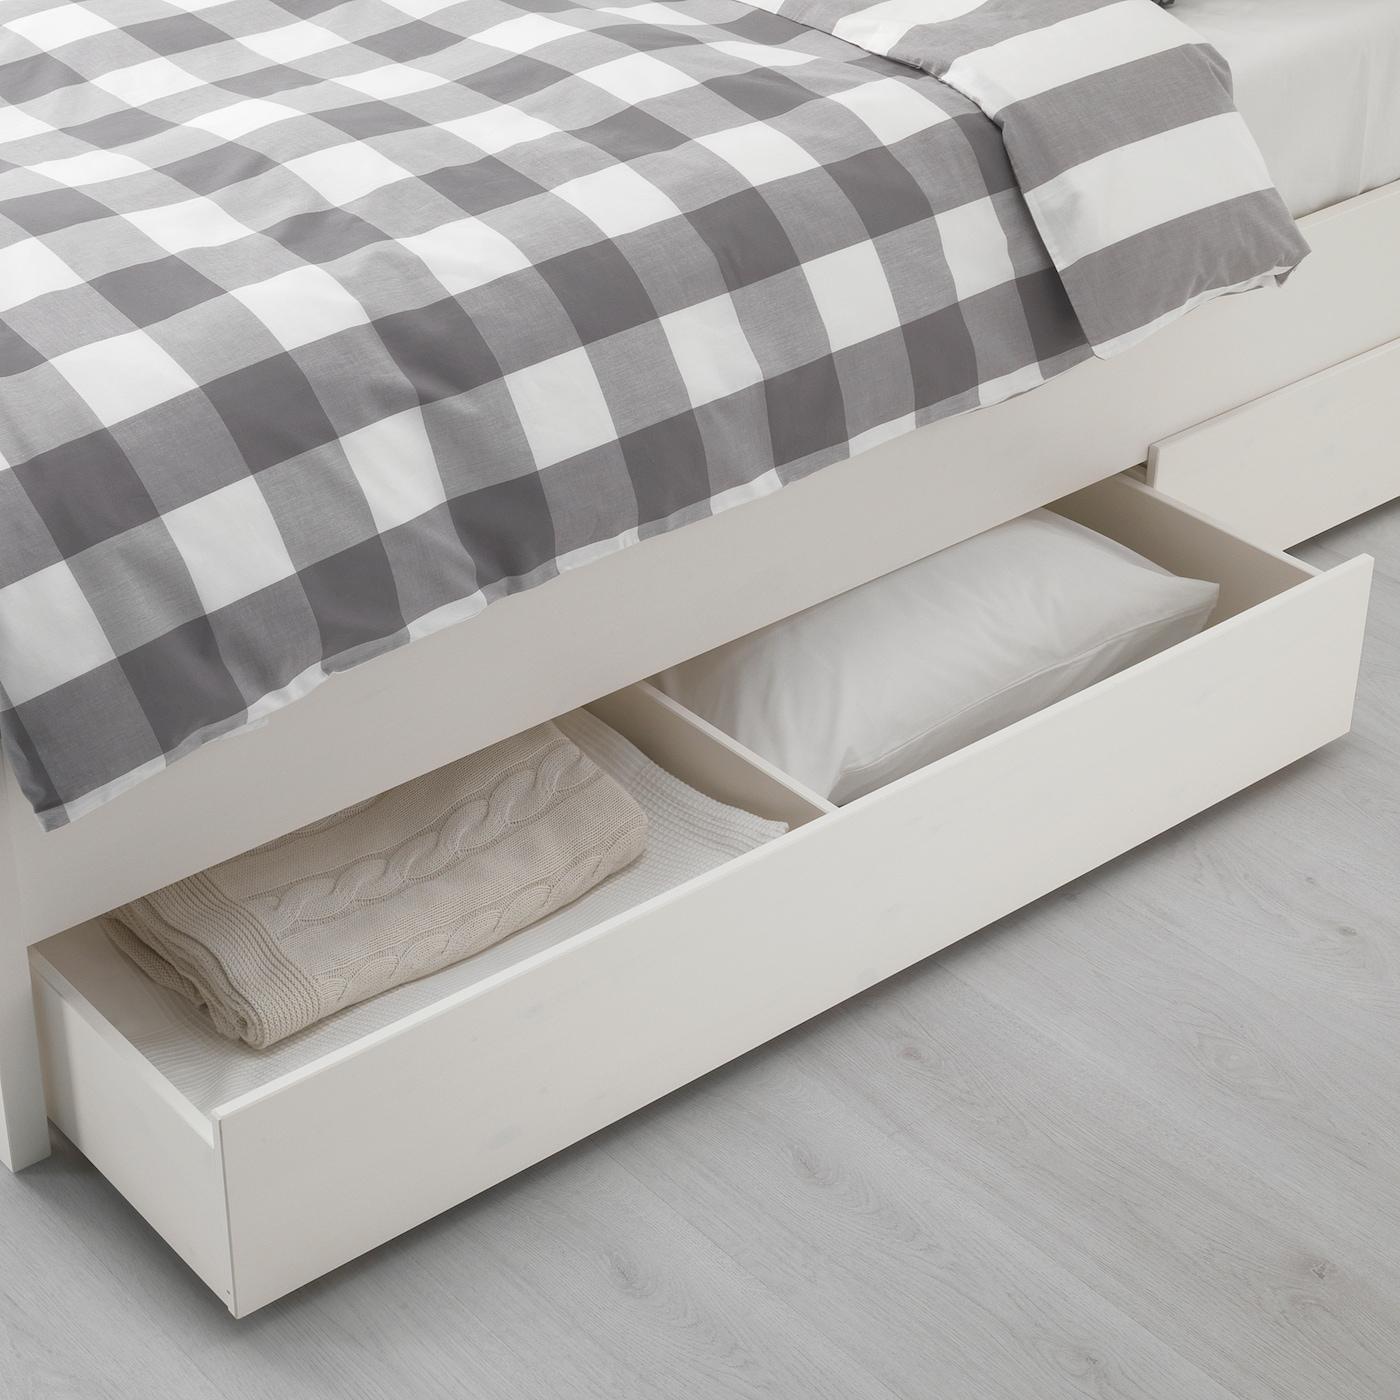 HEMNES Caixa arrumação p/cama, conj. 2 - velatura branca 200 cm